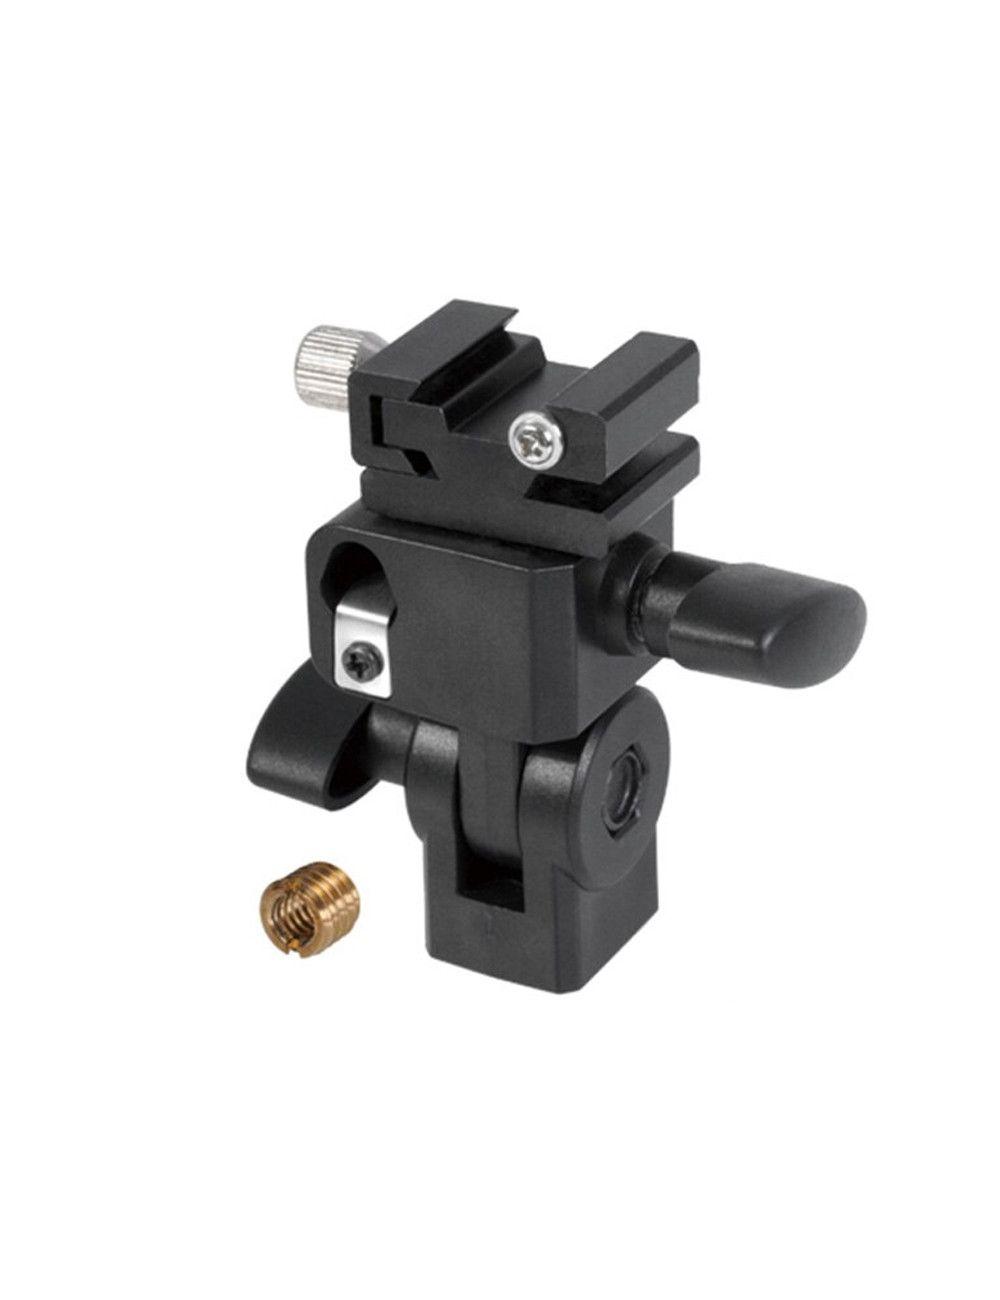 Profoto Air Remote TTL Para Sony - Trigger y Controlador a Distancia de tus Profoto